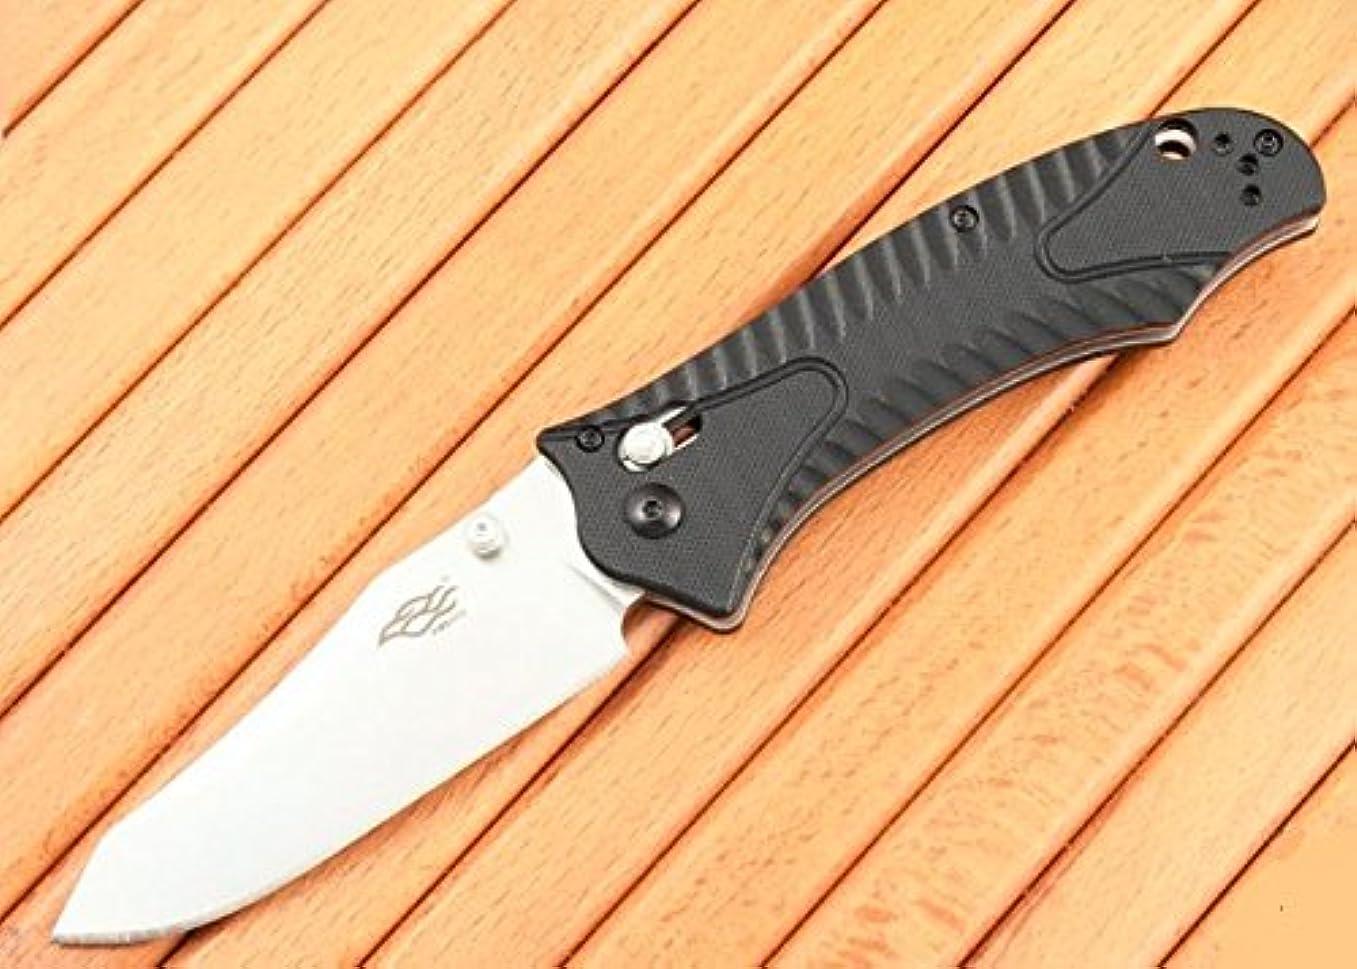 致命的なオープナー無視する(滄竜) 合金 G10グラスファイバー 滑り止 折りたたみナイフ 直刃, プレミアム品質 by GANZO Firebird